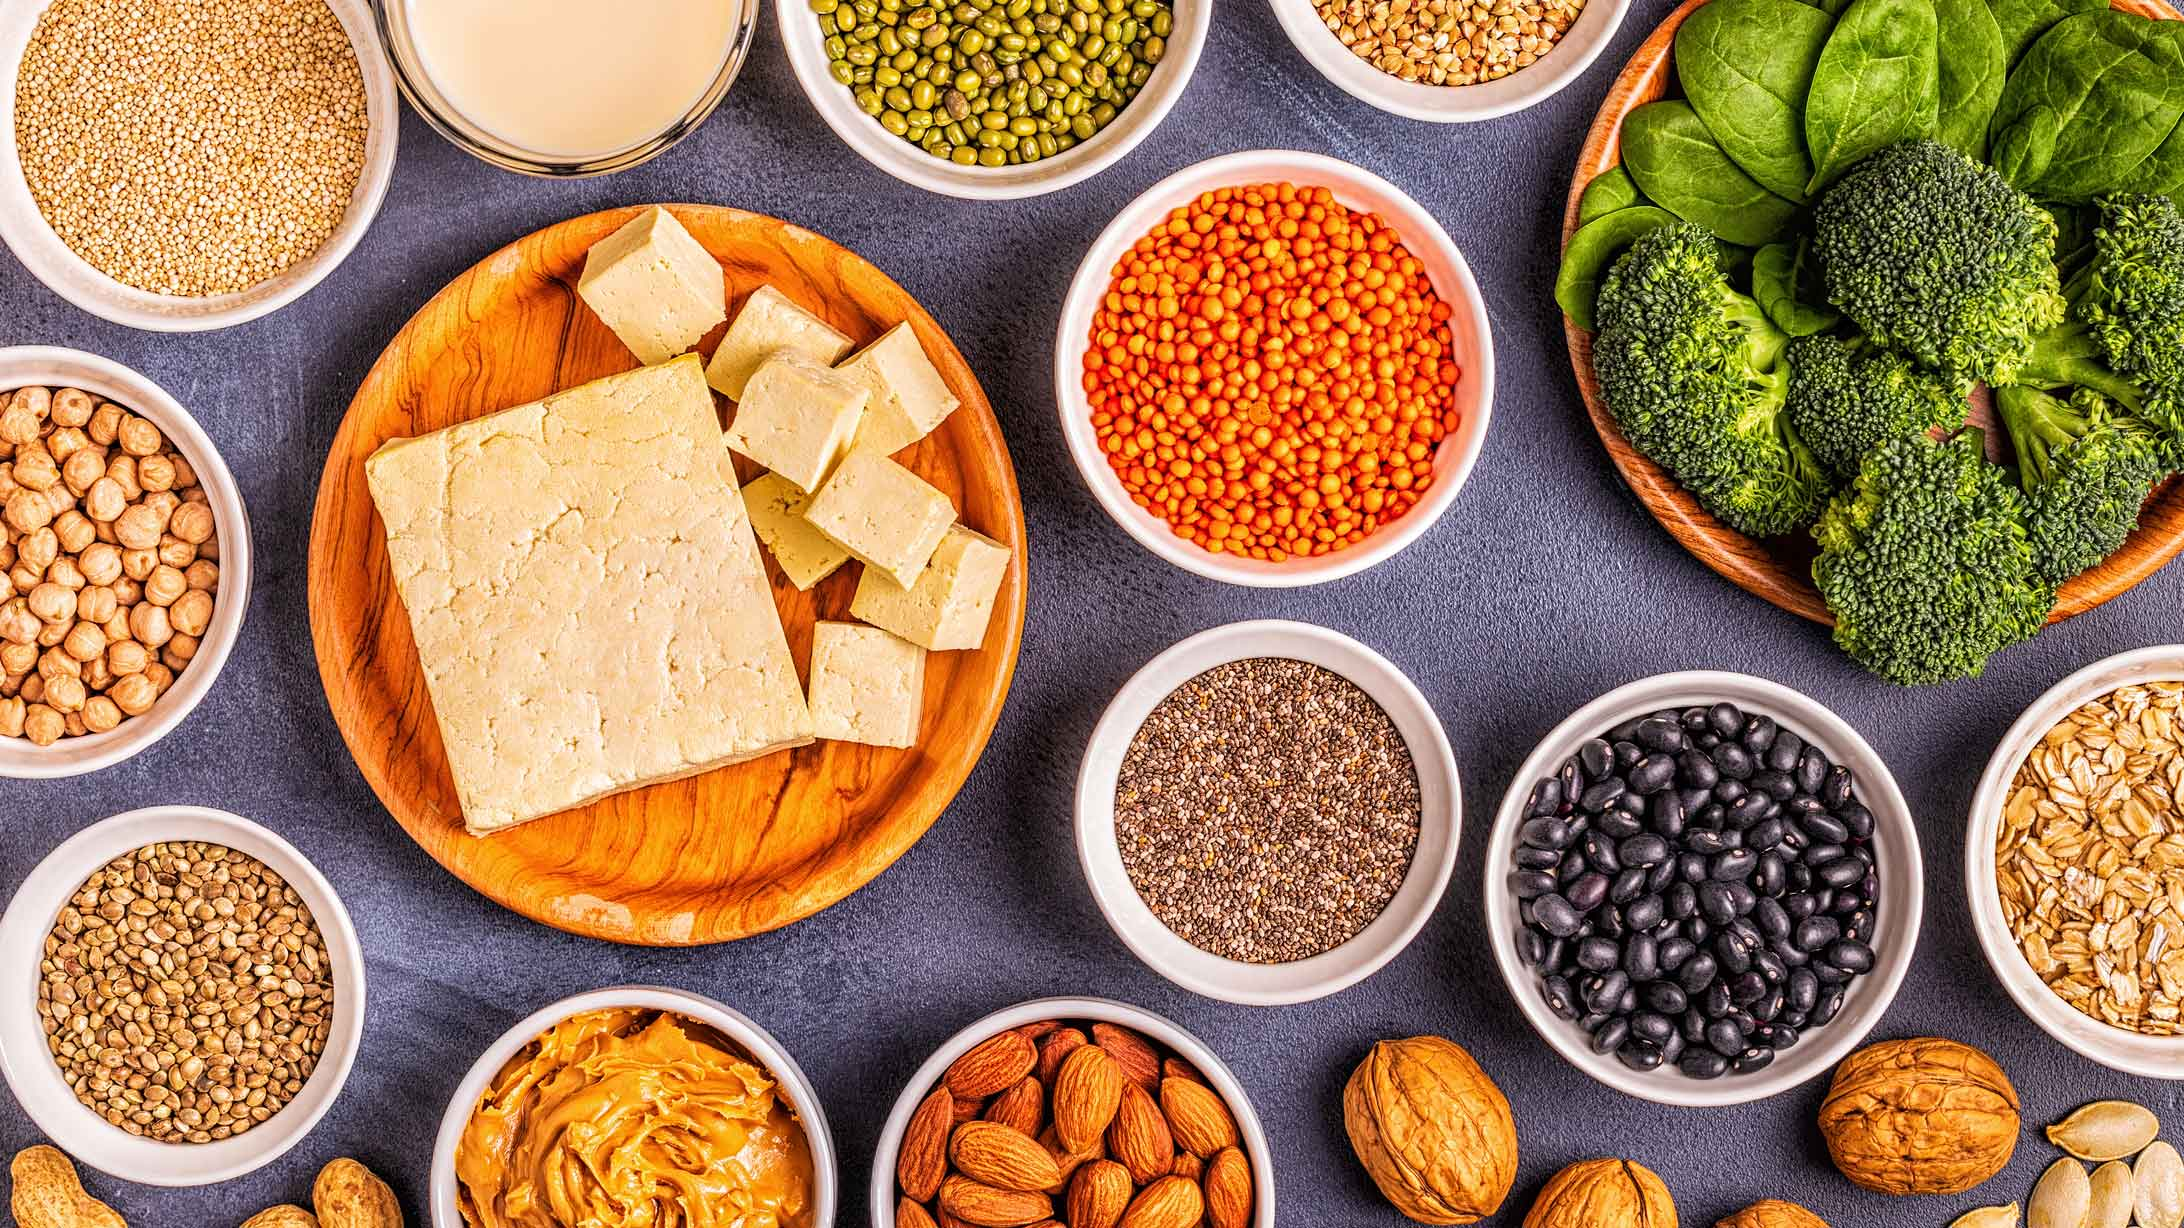 eisenhaltige Nahrungsmittel: Tofu, Linsen, Brokkoli, Mandeln, Walnüsse, Kichererbsen